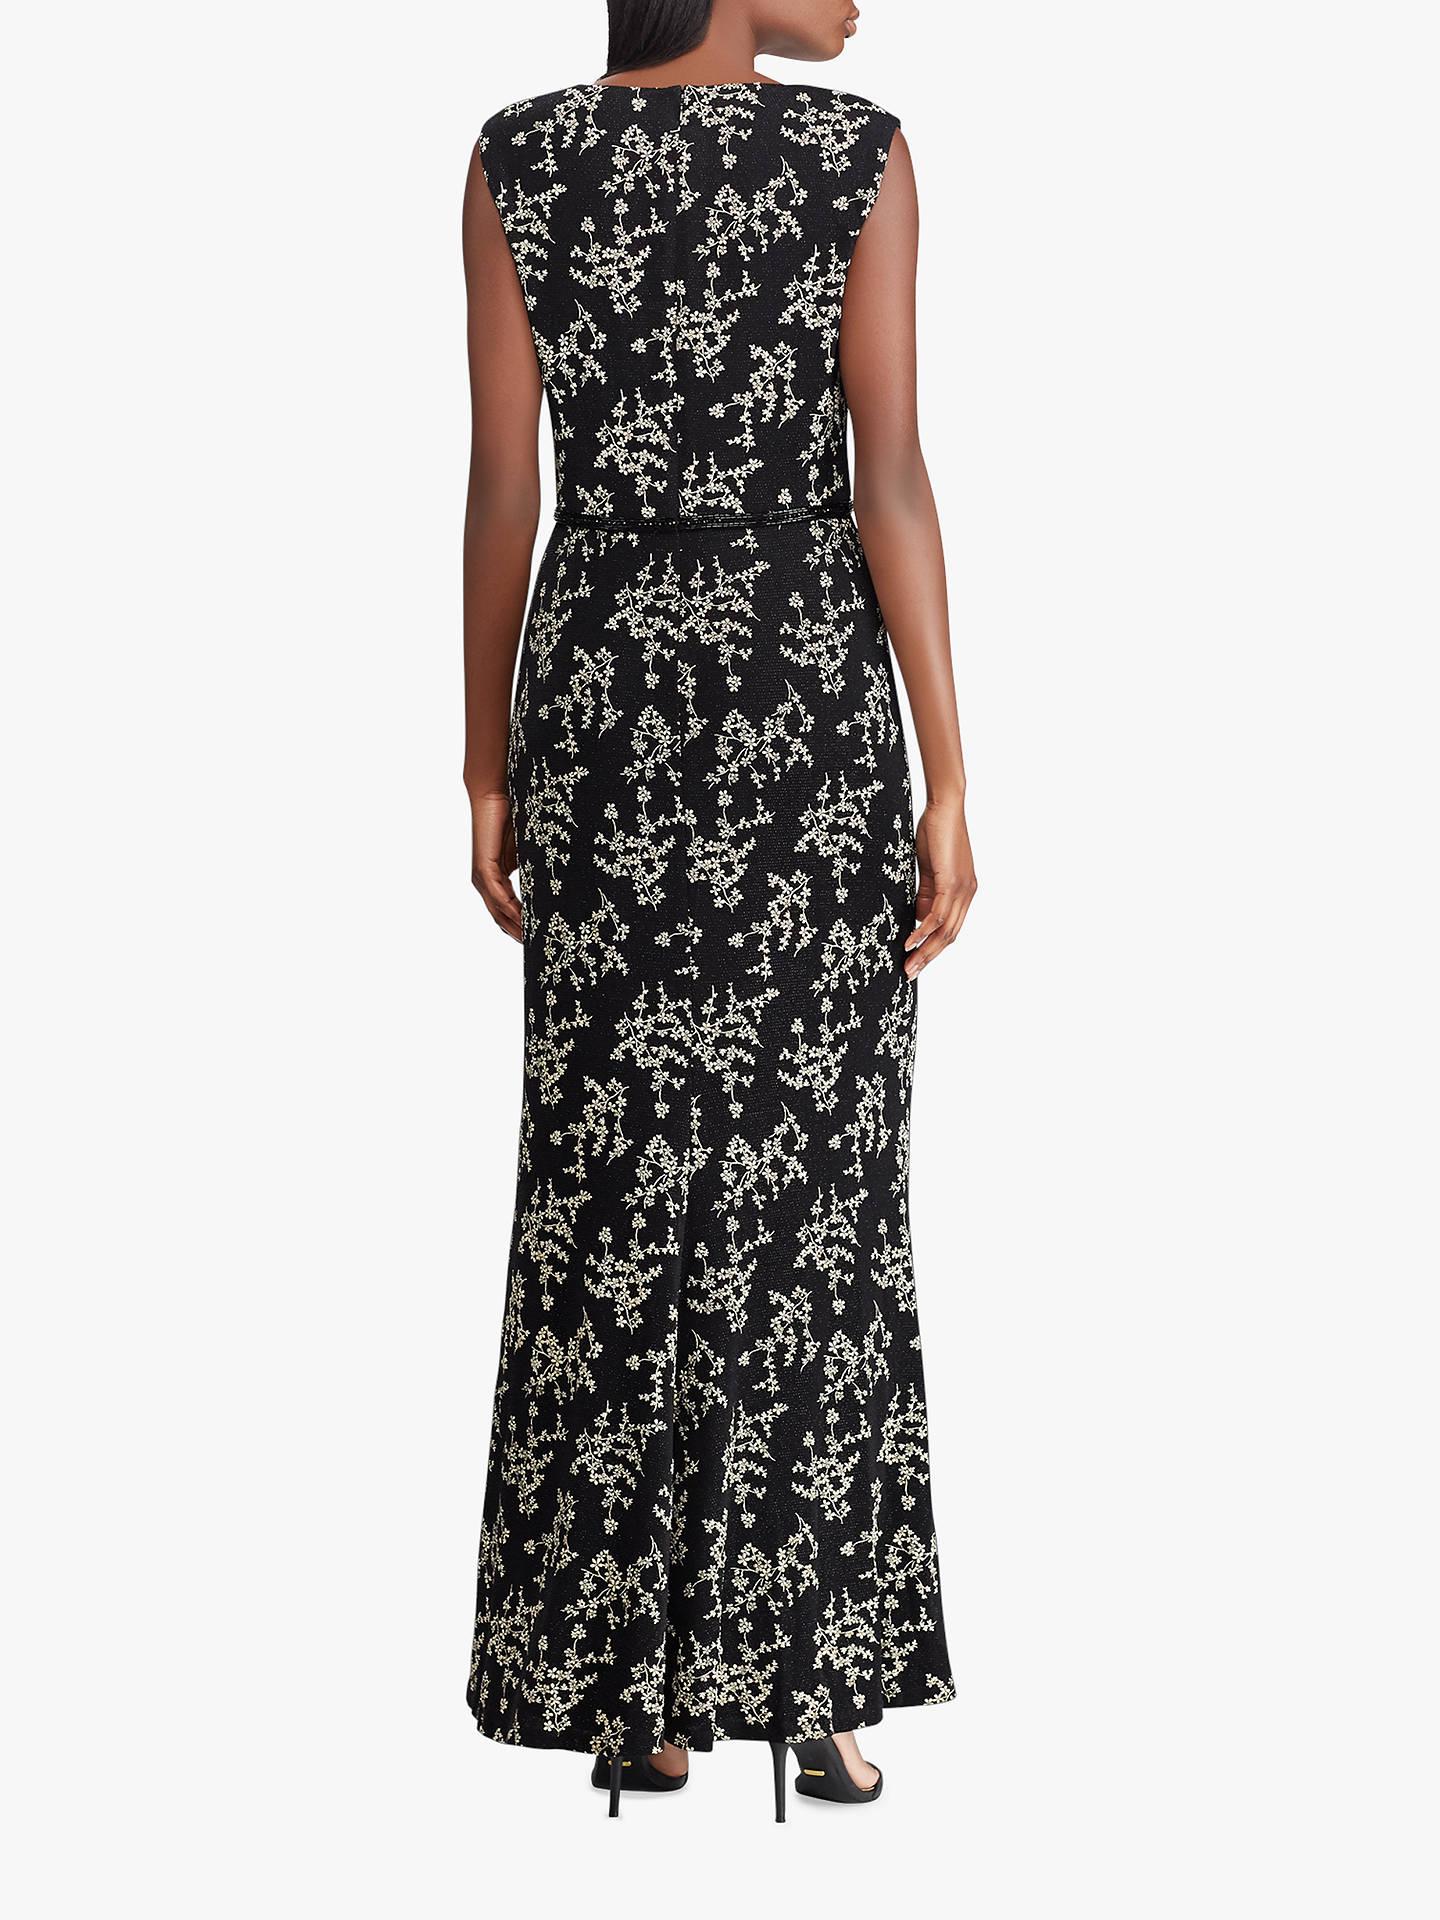 2ec117a2f2 ... BuyLauren Ralph Lauren Rozana Dress